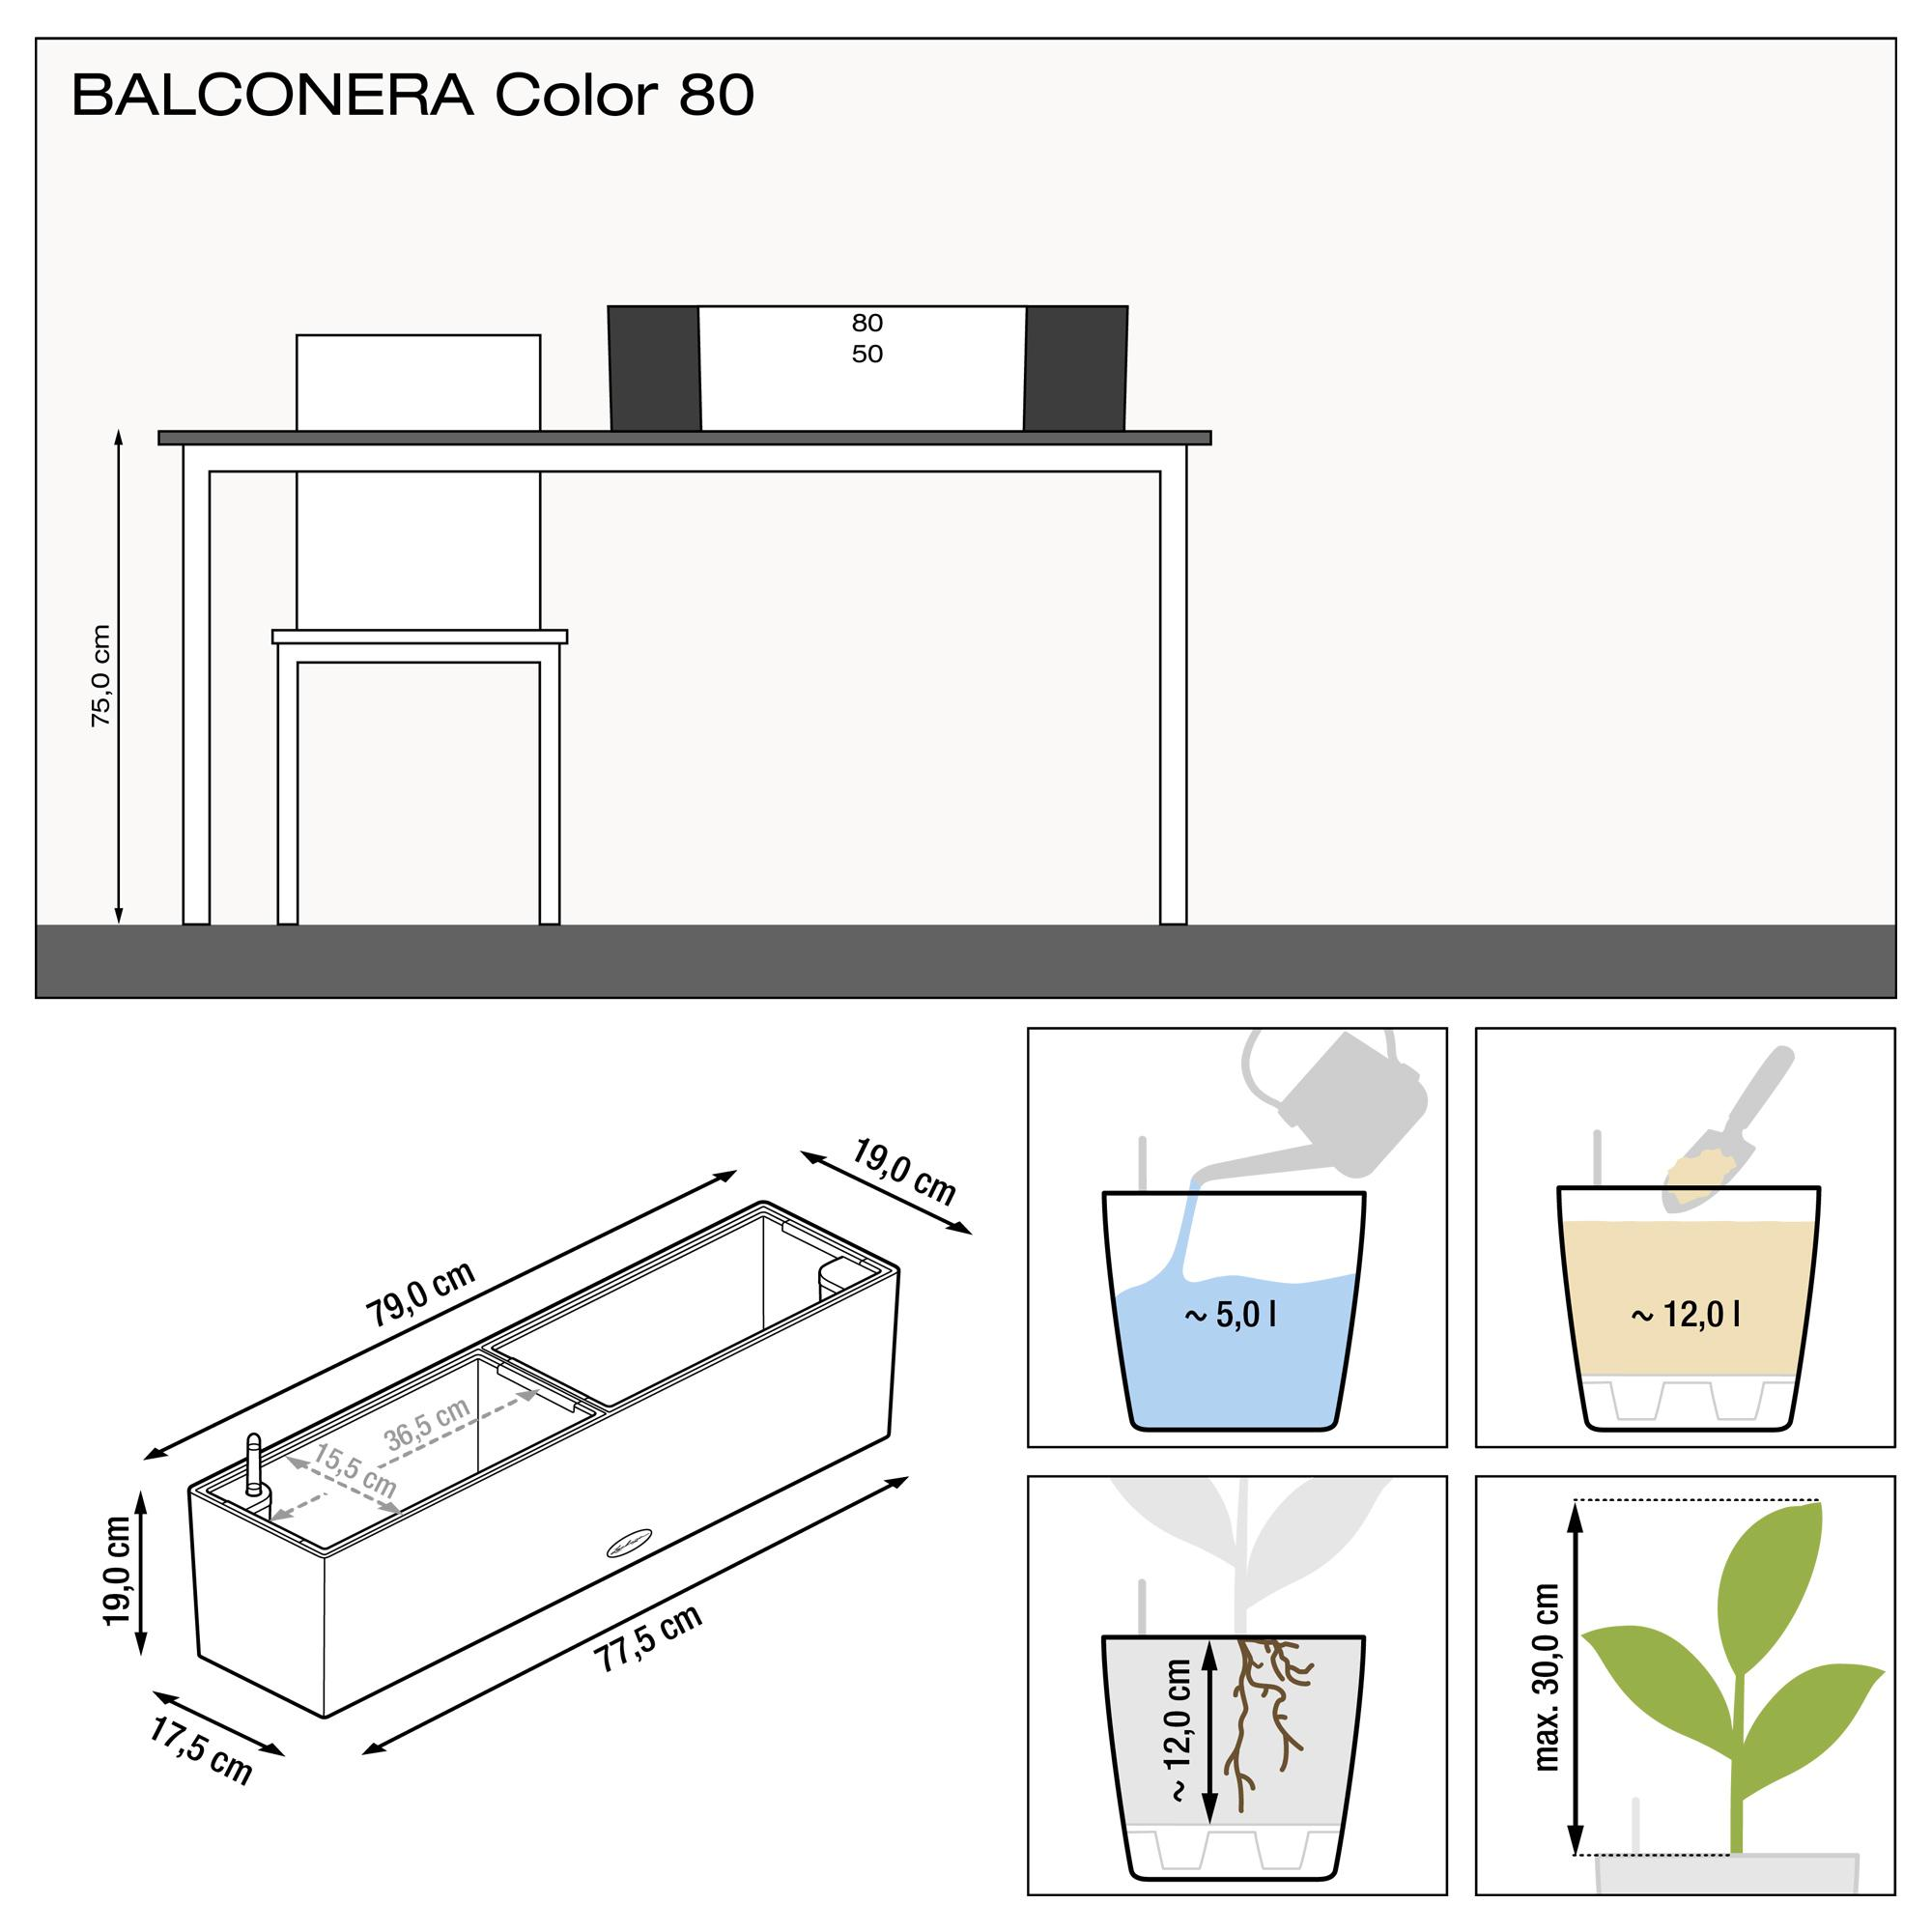 BALCONERA Color 80 schiefergrau - Bild 3